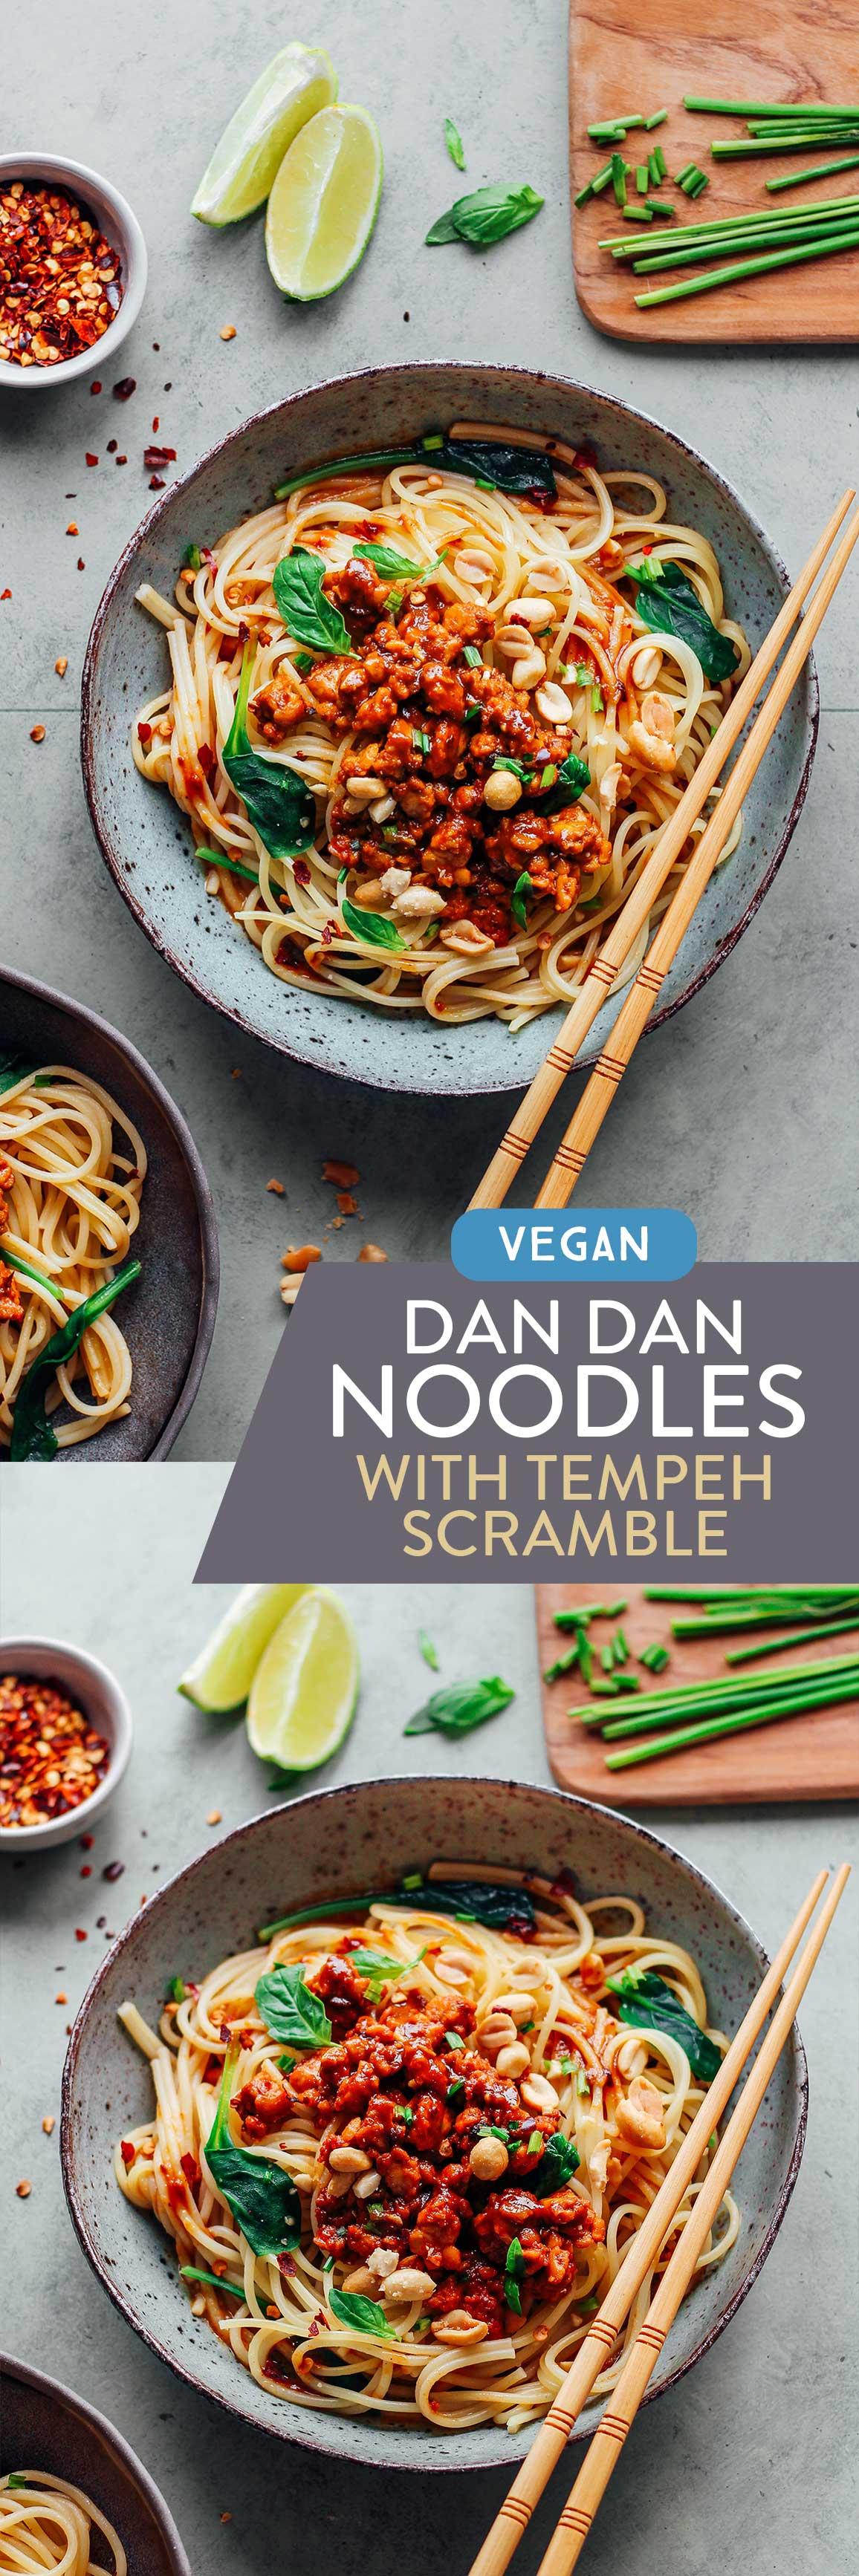 Dan Dan Noodles with Tempeh Scramble